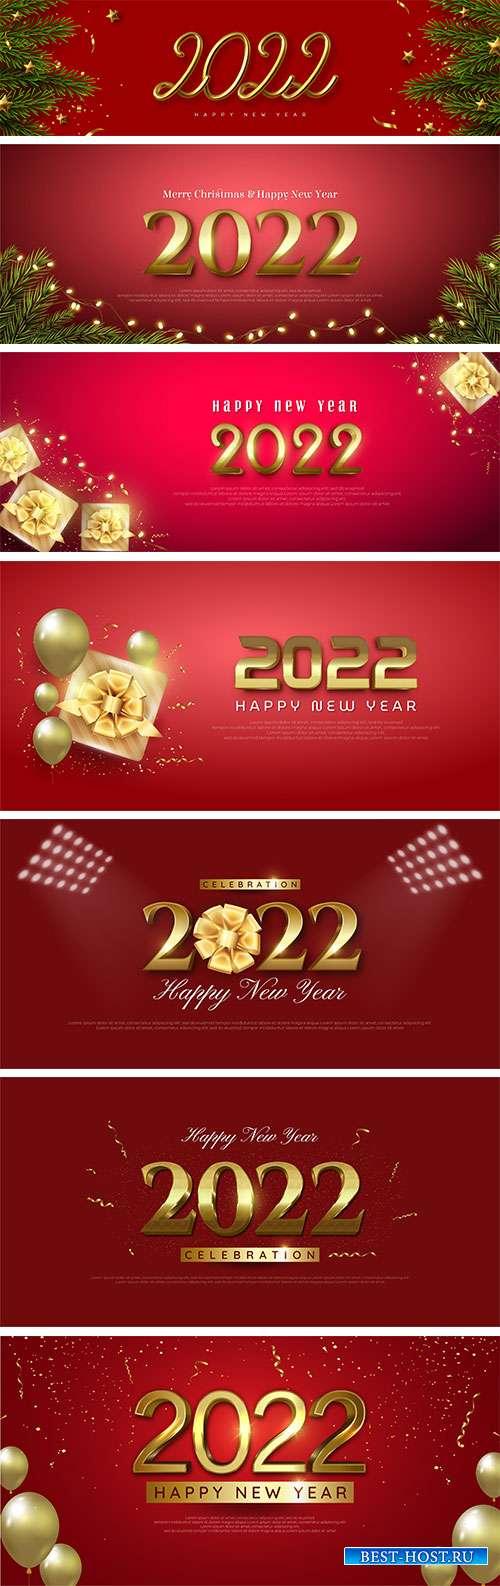 Векторные фоны для поздравлений с 2022 годом - 3